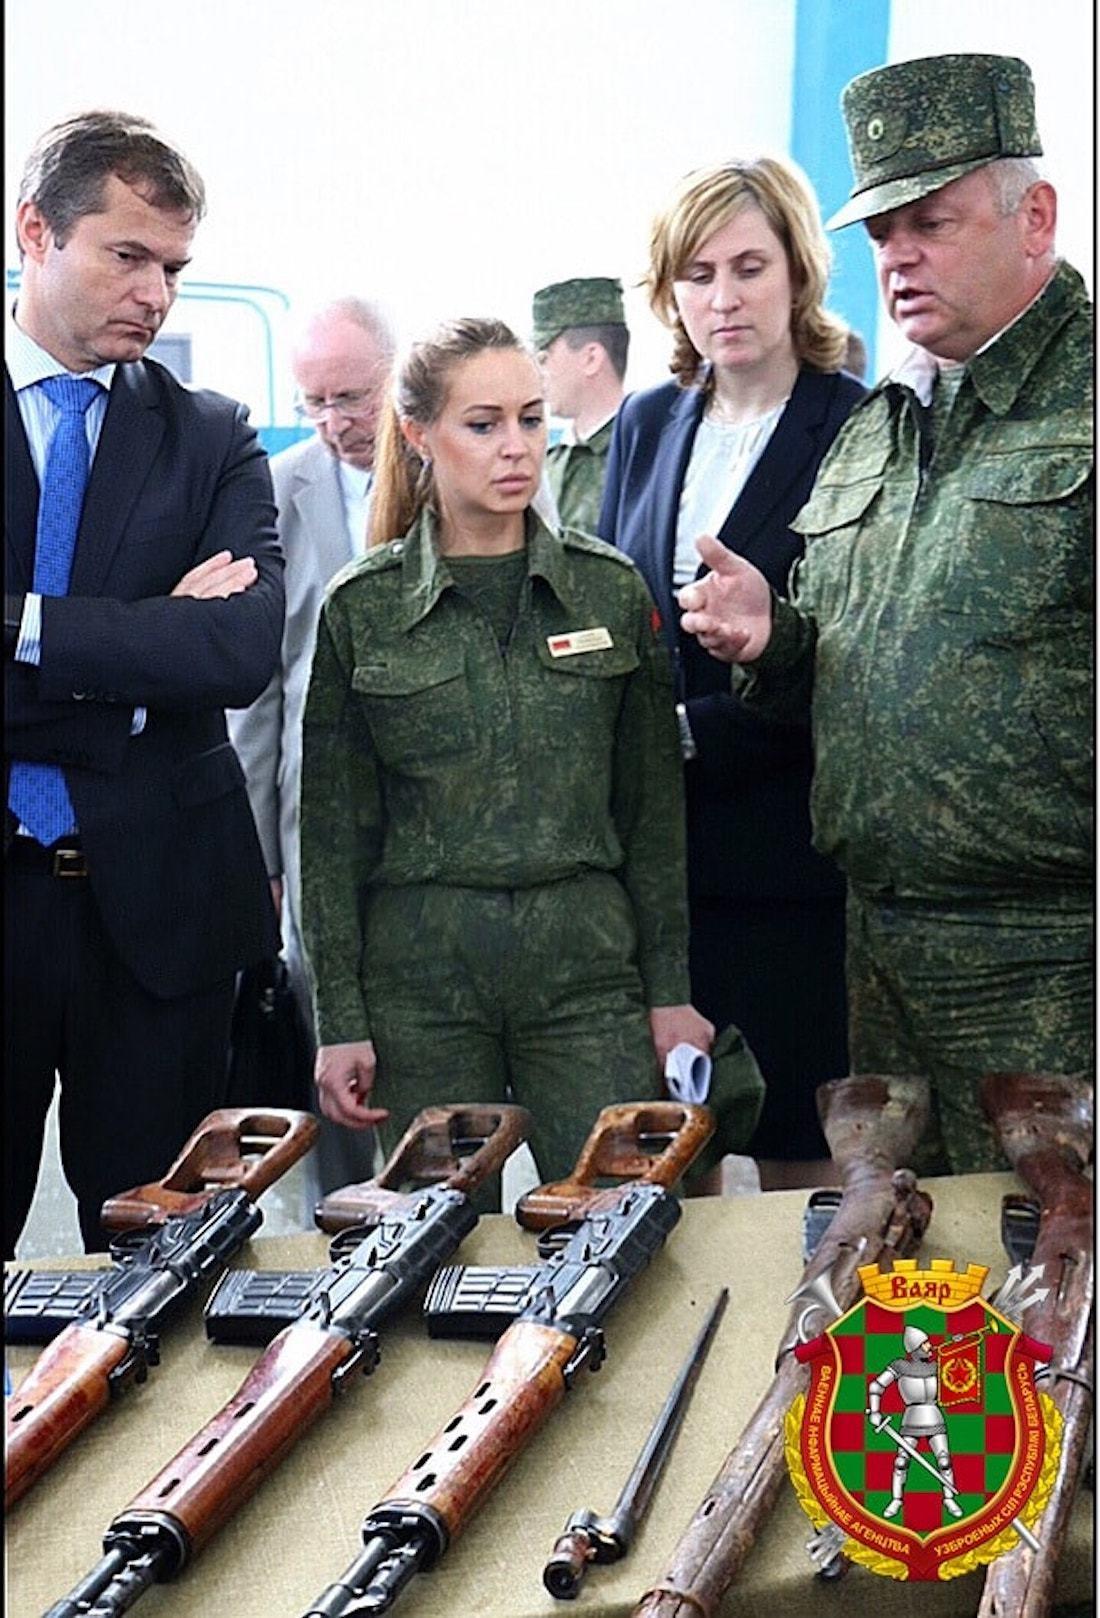 Девушка с парада (в Минске). Объясняем, кто она и что за медали у нее на груди